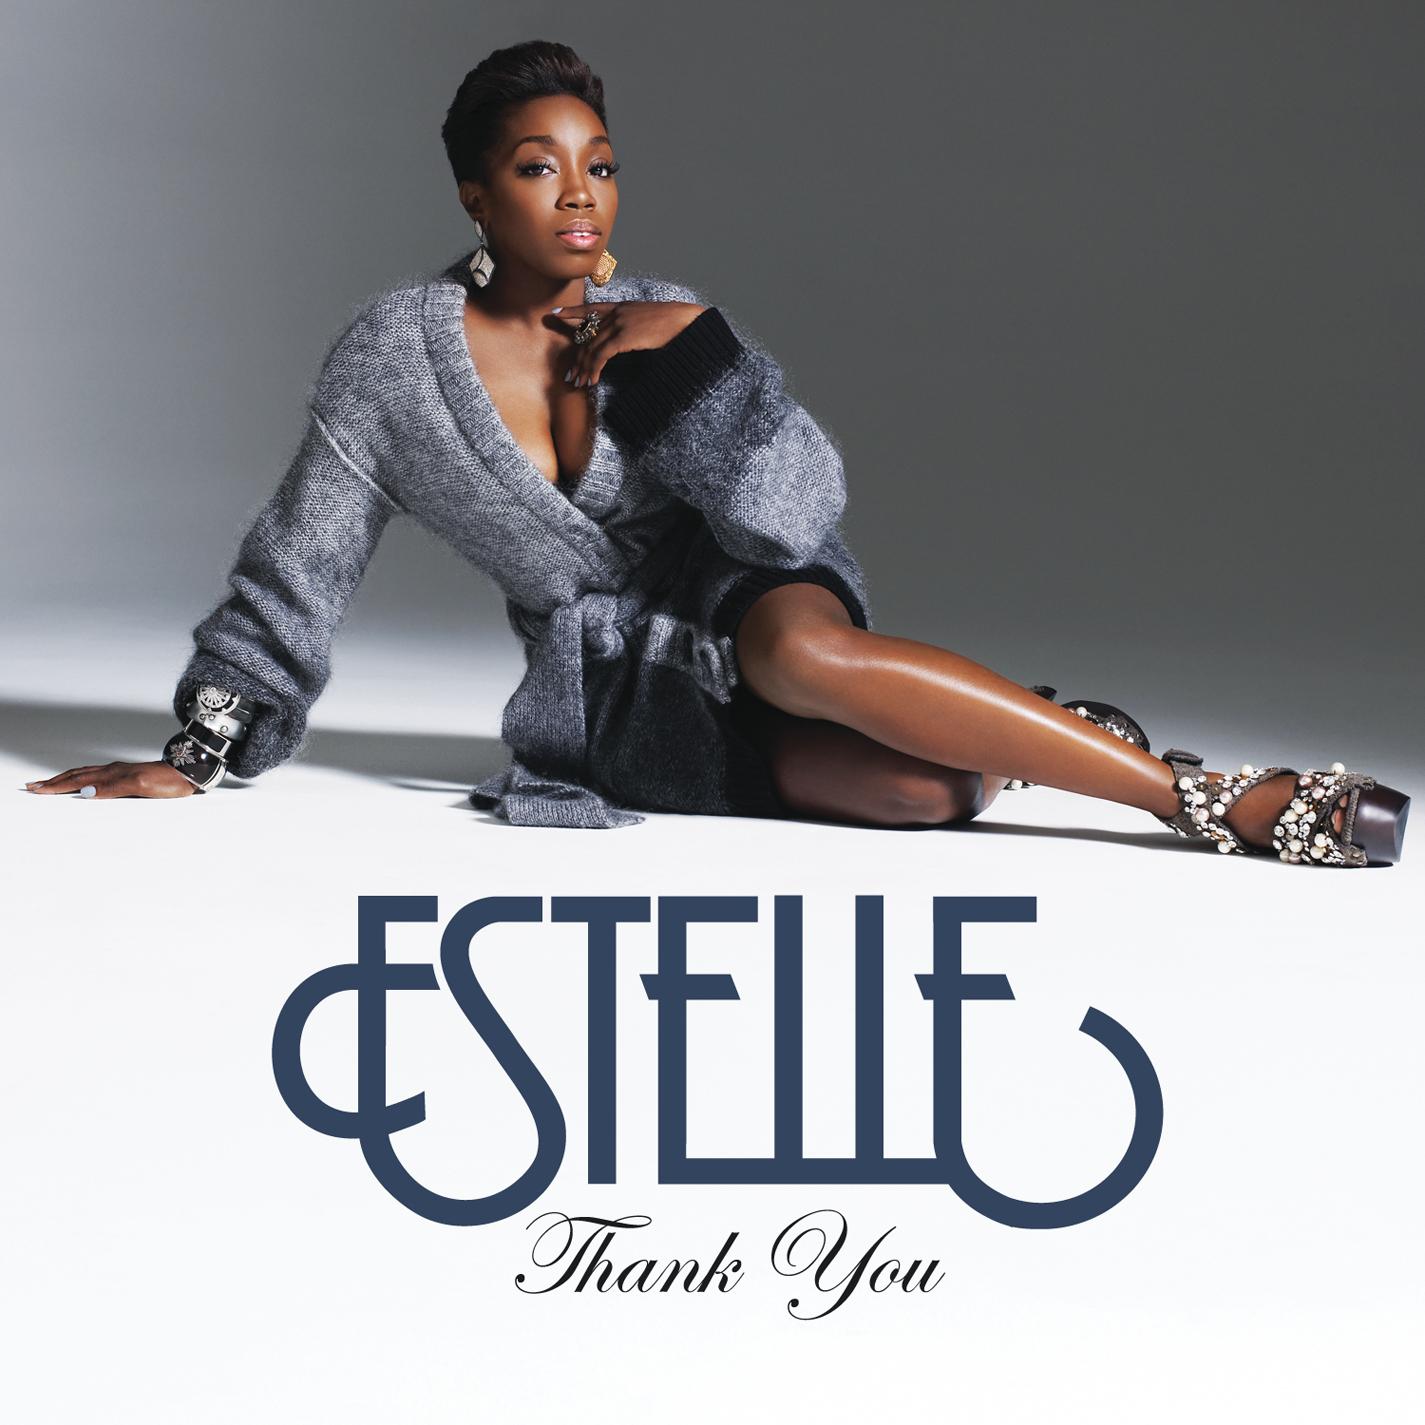 http://4.bp.blogspot.com/-aMK7O6GHmR0/TnoH5hZzaXI/AAAAAAAAAwY/iQNPgJiq90c/s1600/Estelle+-+Thank+You.jpg